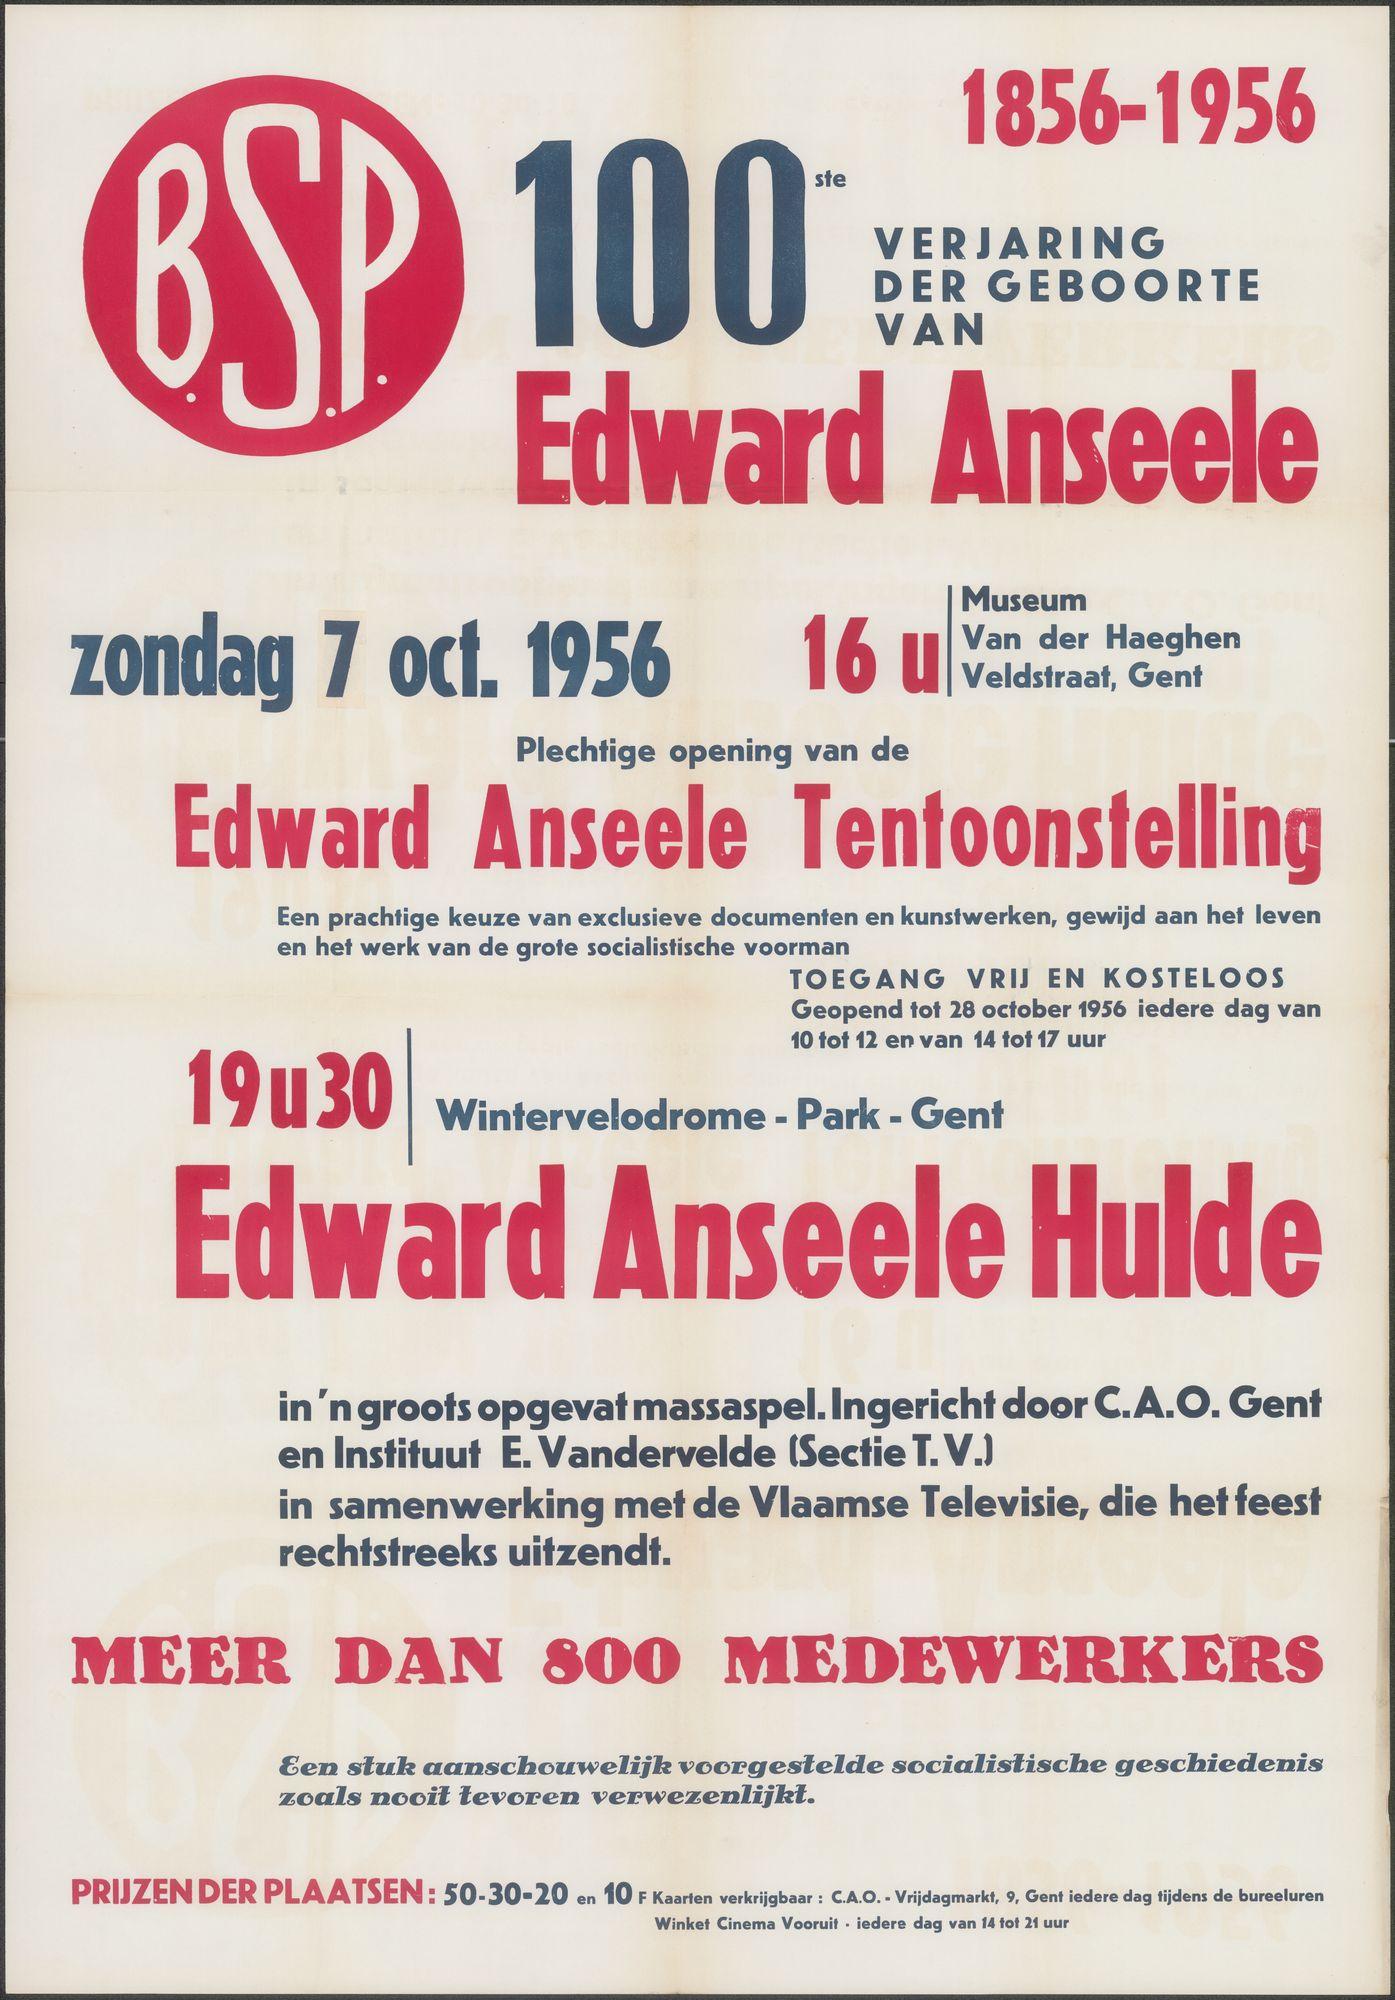 B.S.P., 100e verjaardag van de geboorte van Edward Anseele, 1856-1956, Edward Anseele Tentoonstelling, Edward Anseele Hulde, zondag 7 oktober 1956, Gent